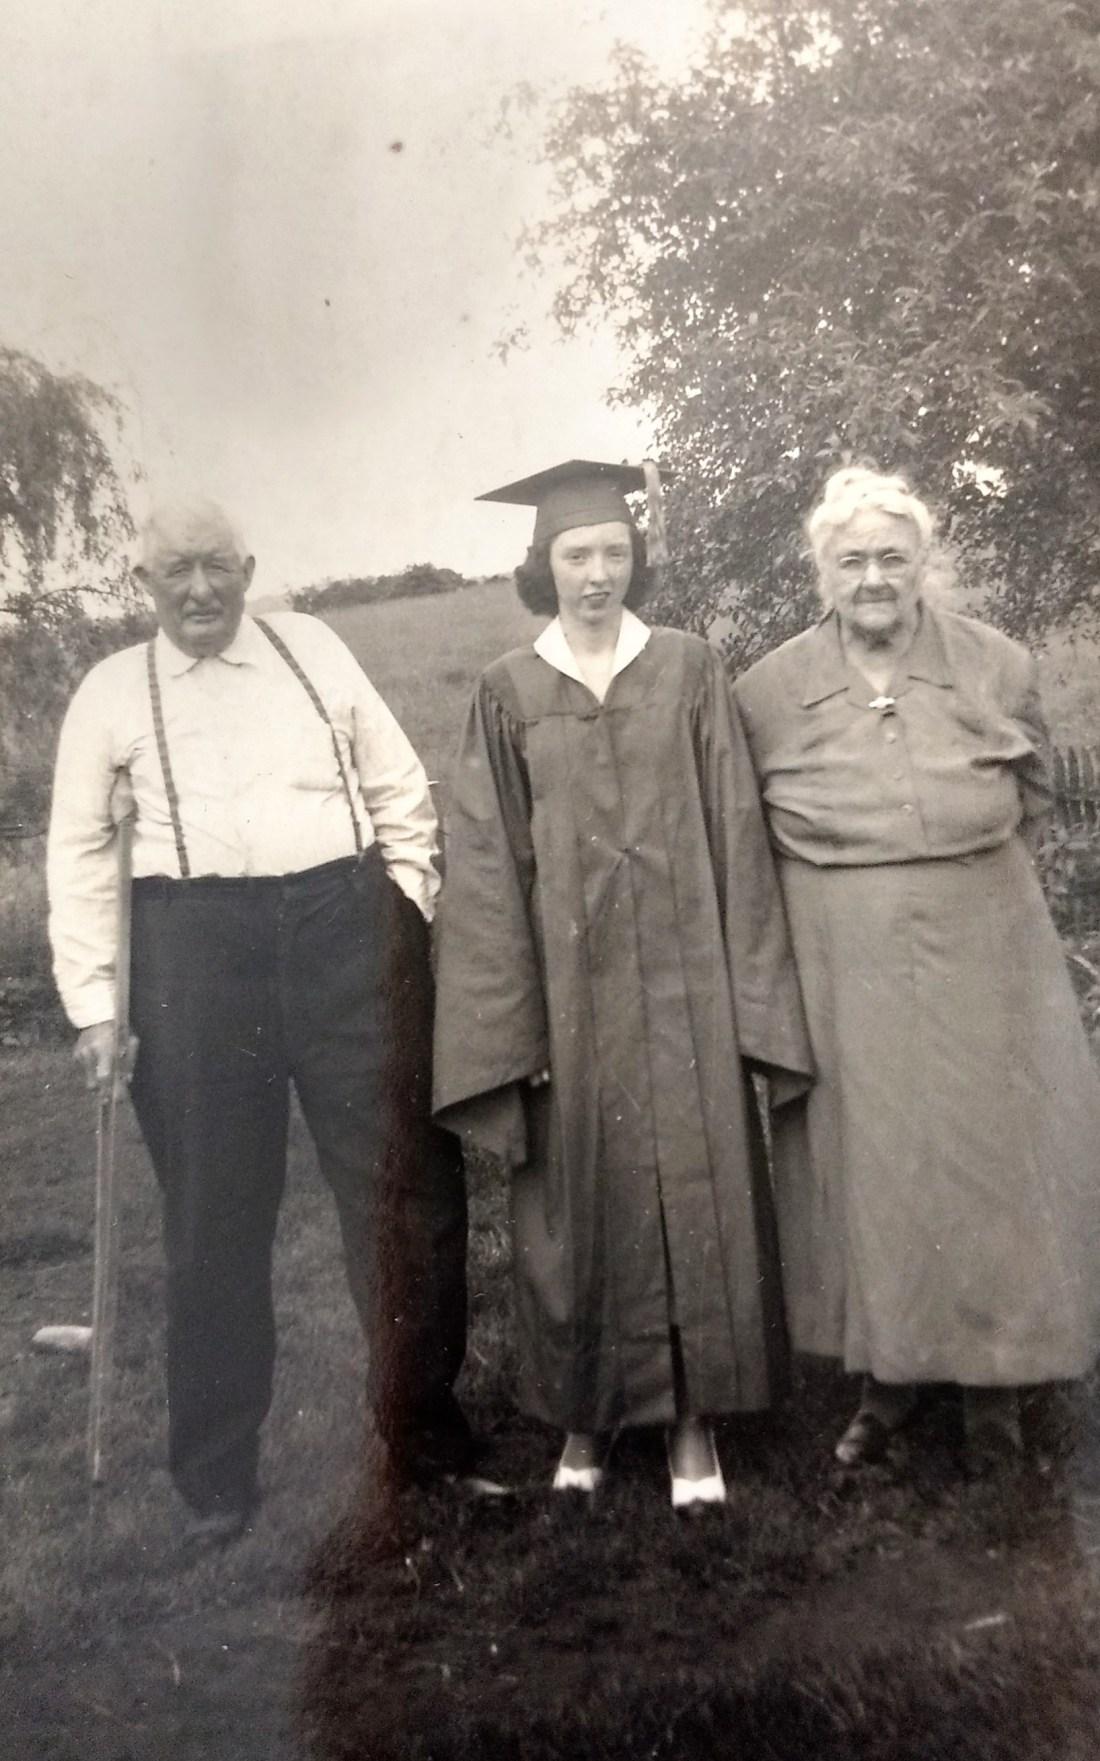 Grandad Garman, Helen, Grandma Garman 1950